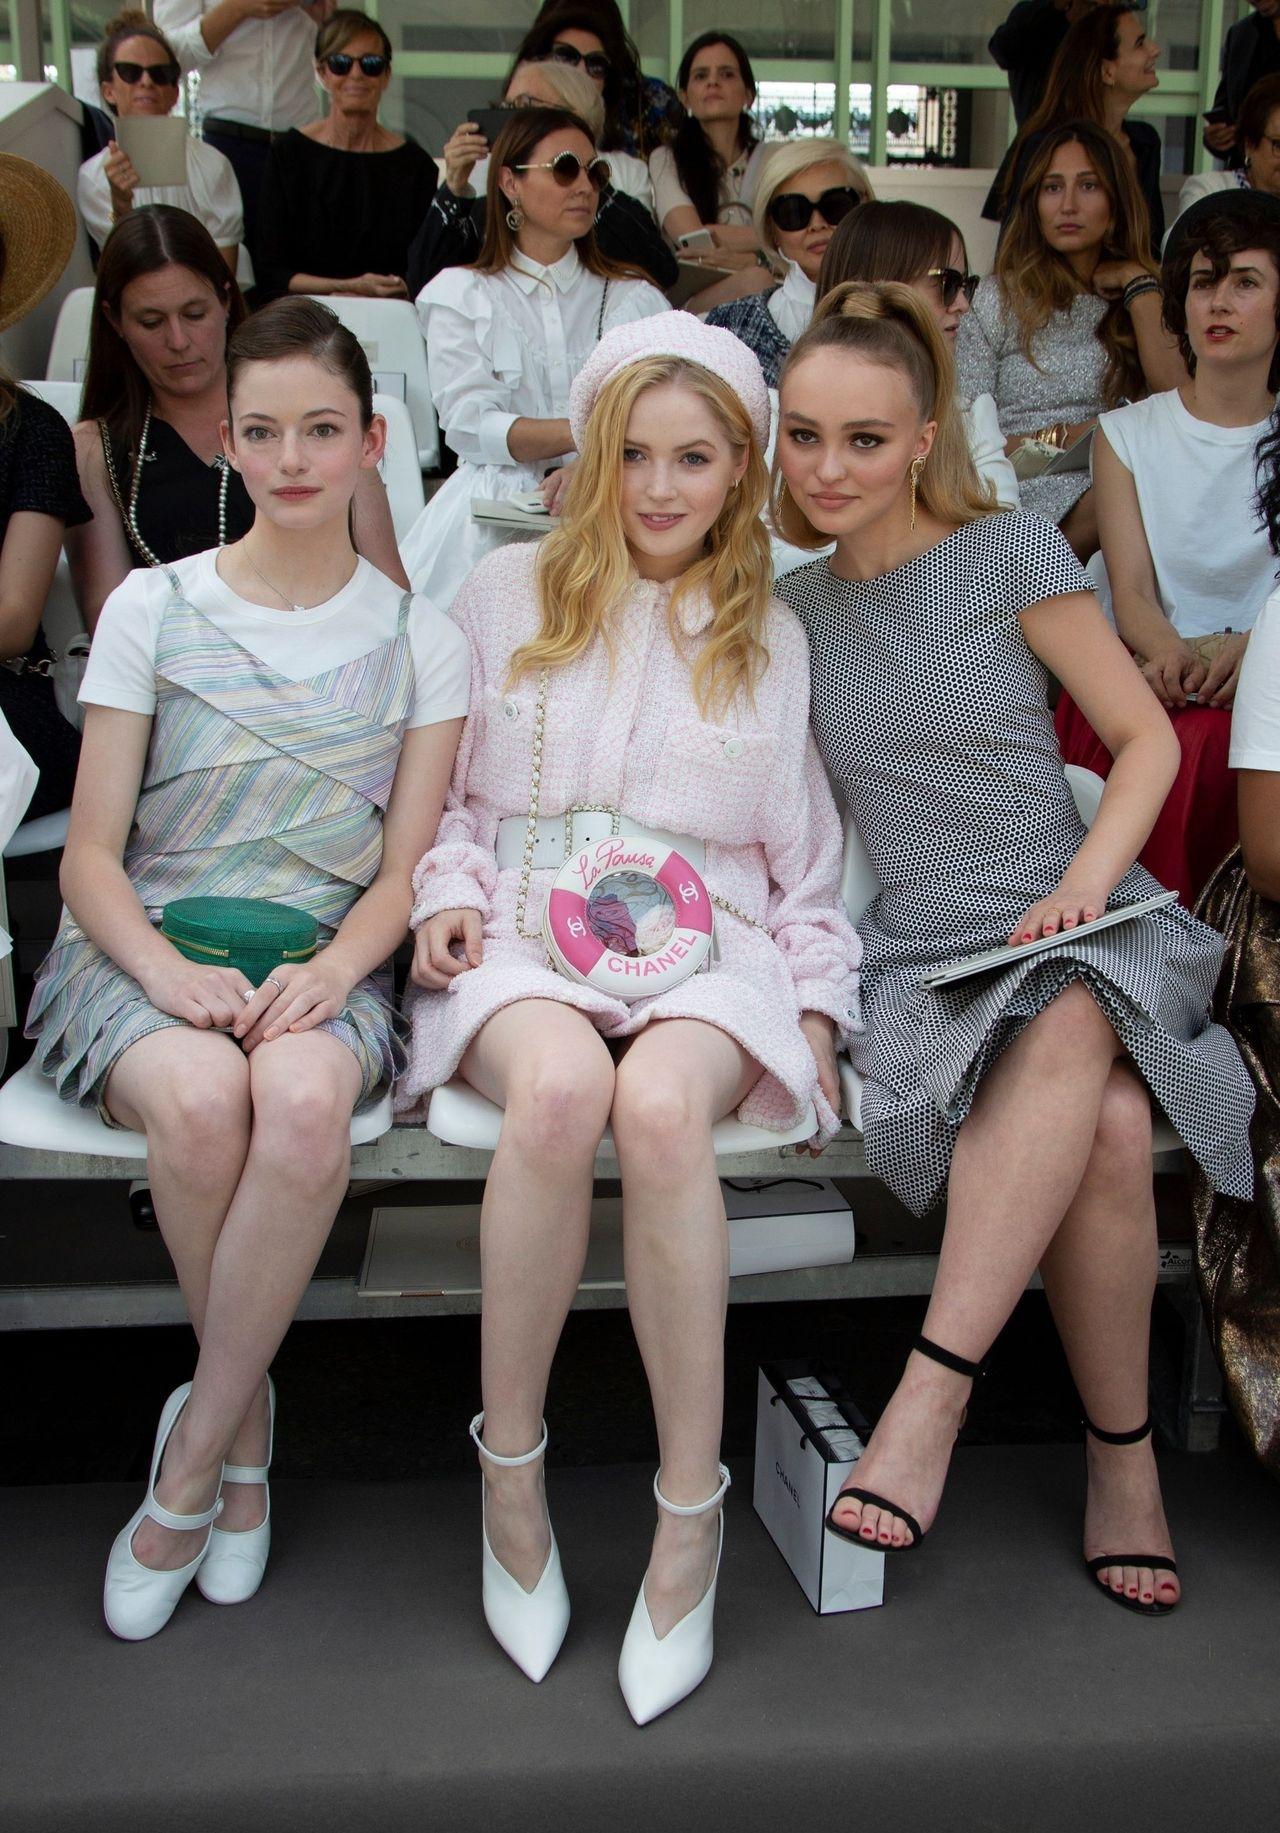 Nowa fryzura Lily Rose Depp już jest HITEM  (ZDJĘCIA)